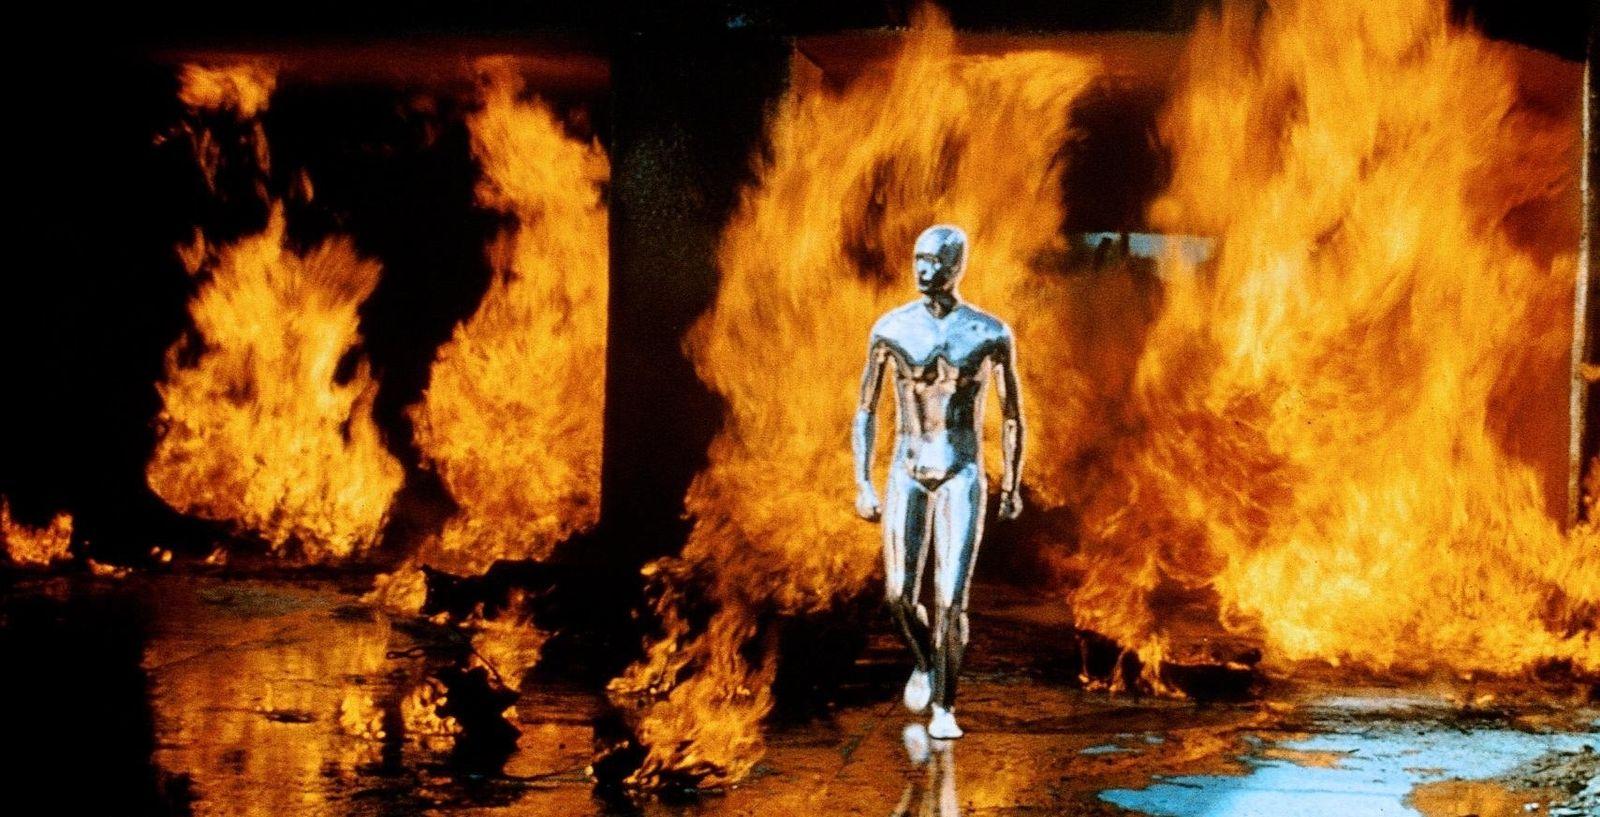 EINMALIGE VERWENDUNG SPIEGEL Plus SPIEGEL 35/2017 S. 126 James Cameron / Terminator II STARTBILD